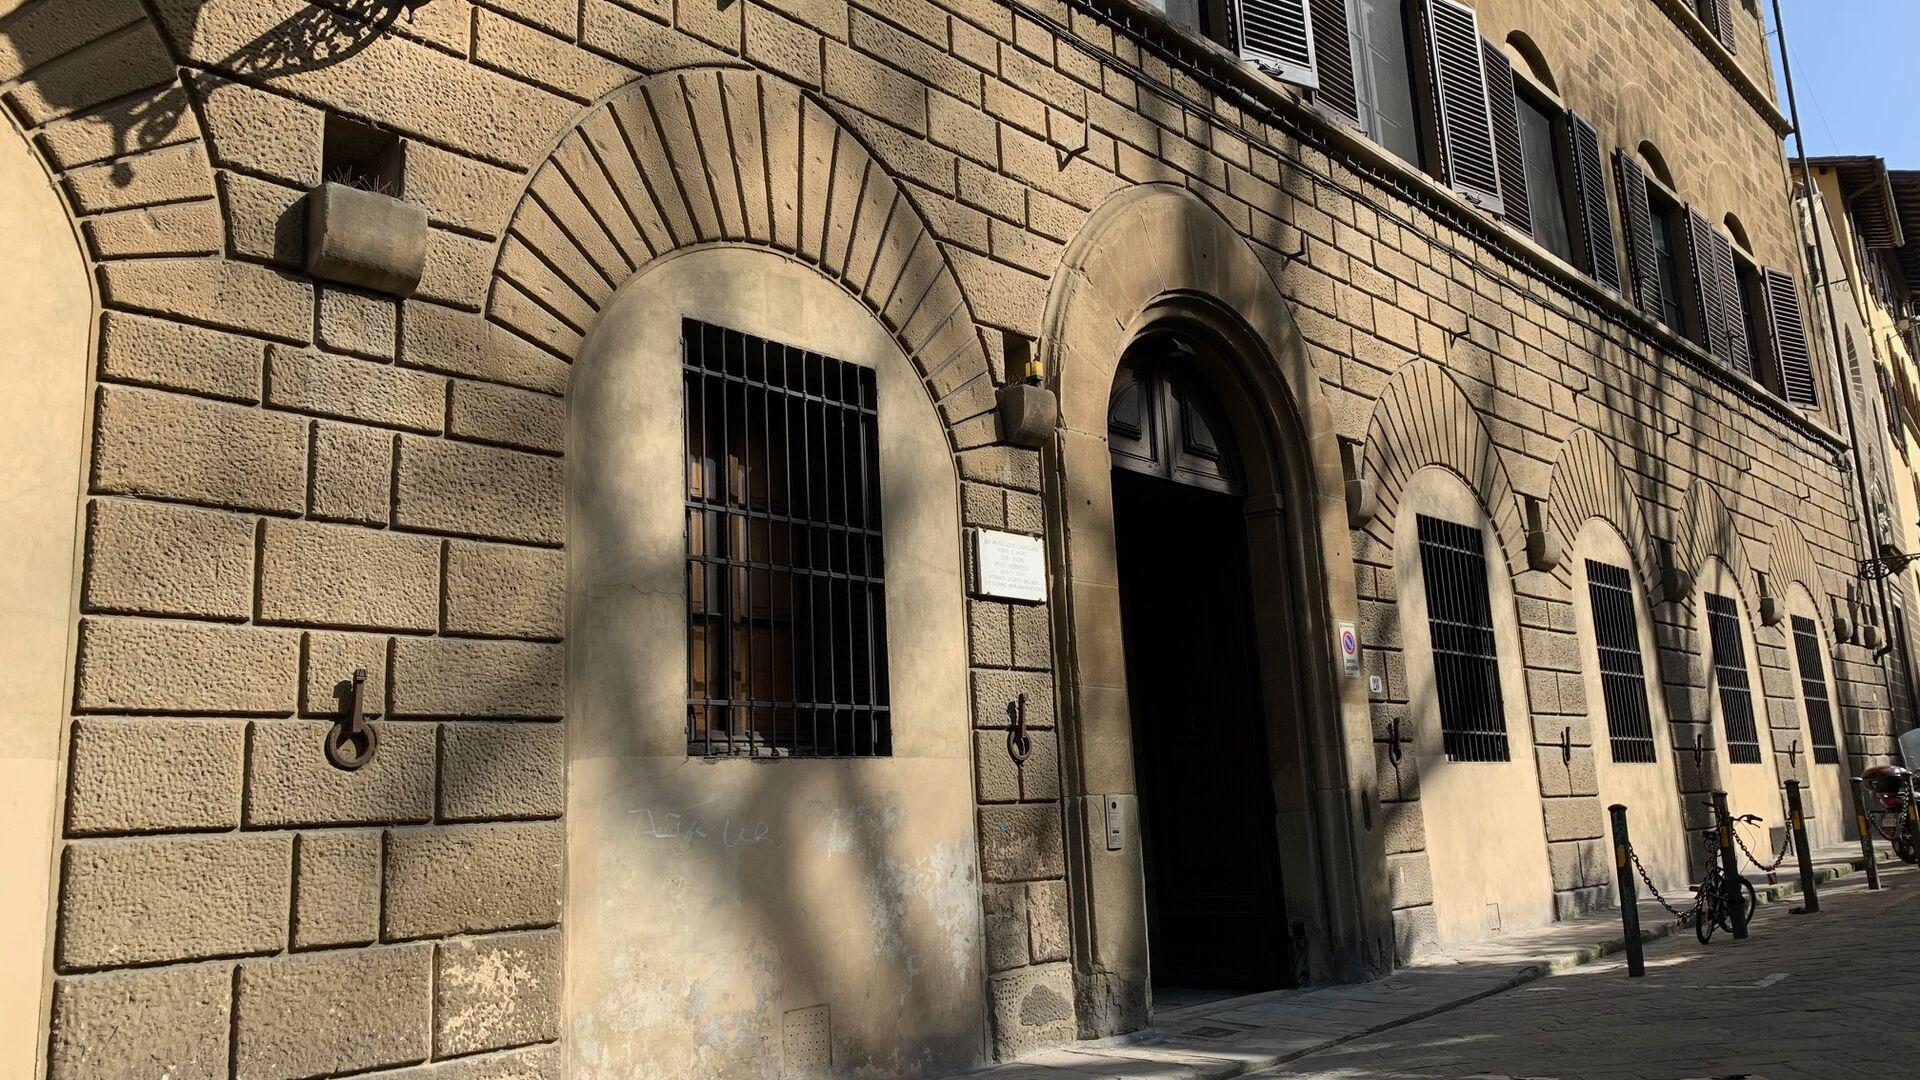 Séjour linguistique Italie, Florence - scuola abc firenze - école